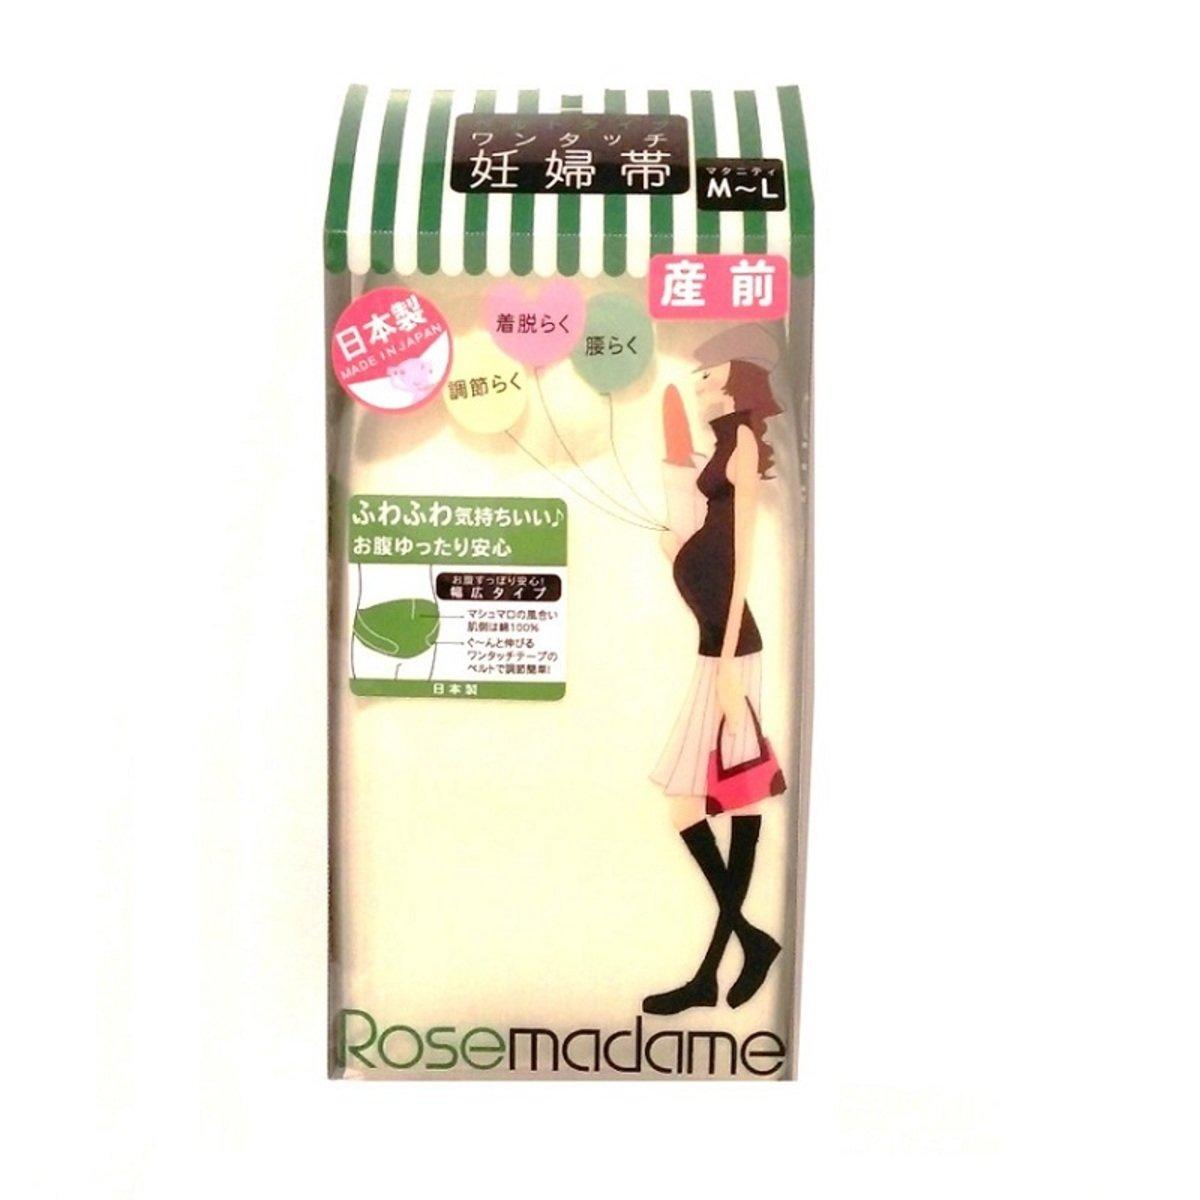 【專利弧度設計】日本製Rosemadame孕婦產前托腹帶